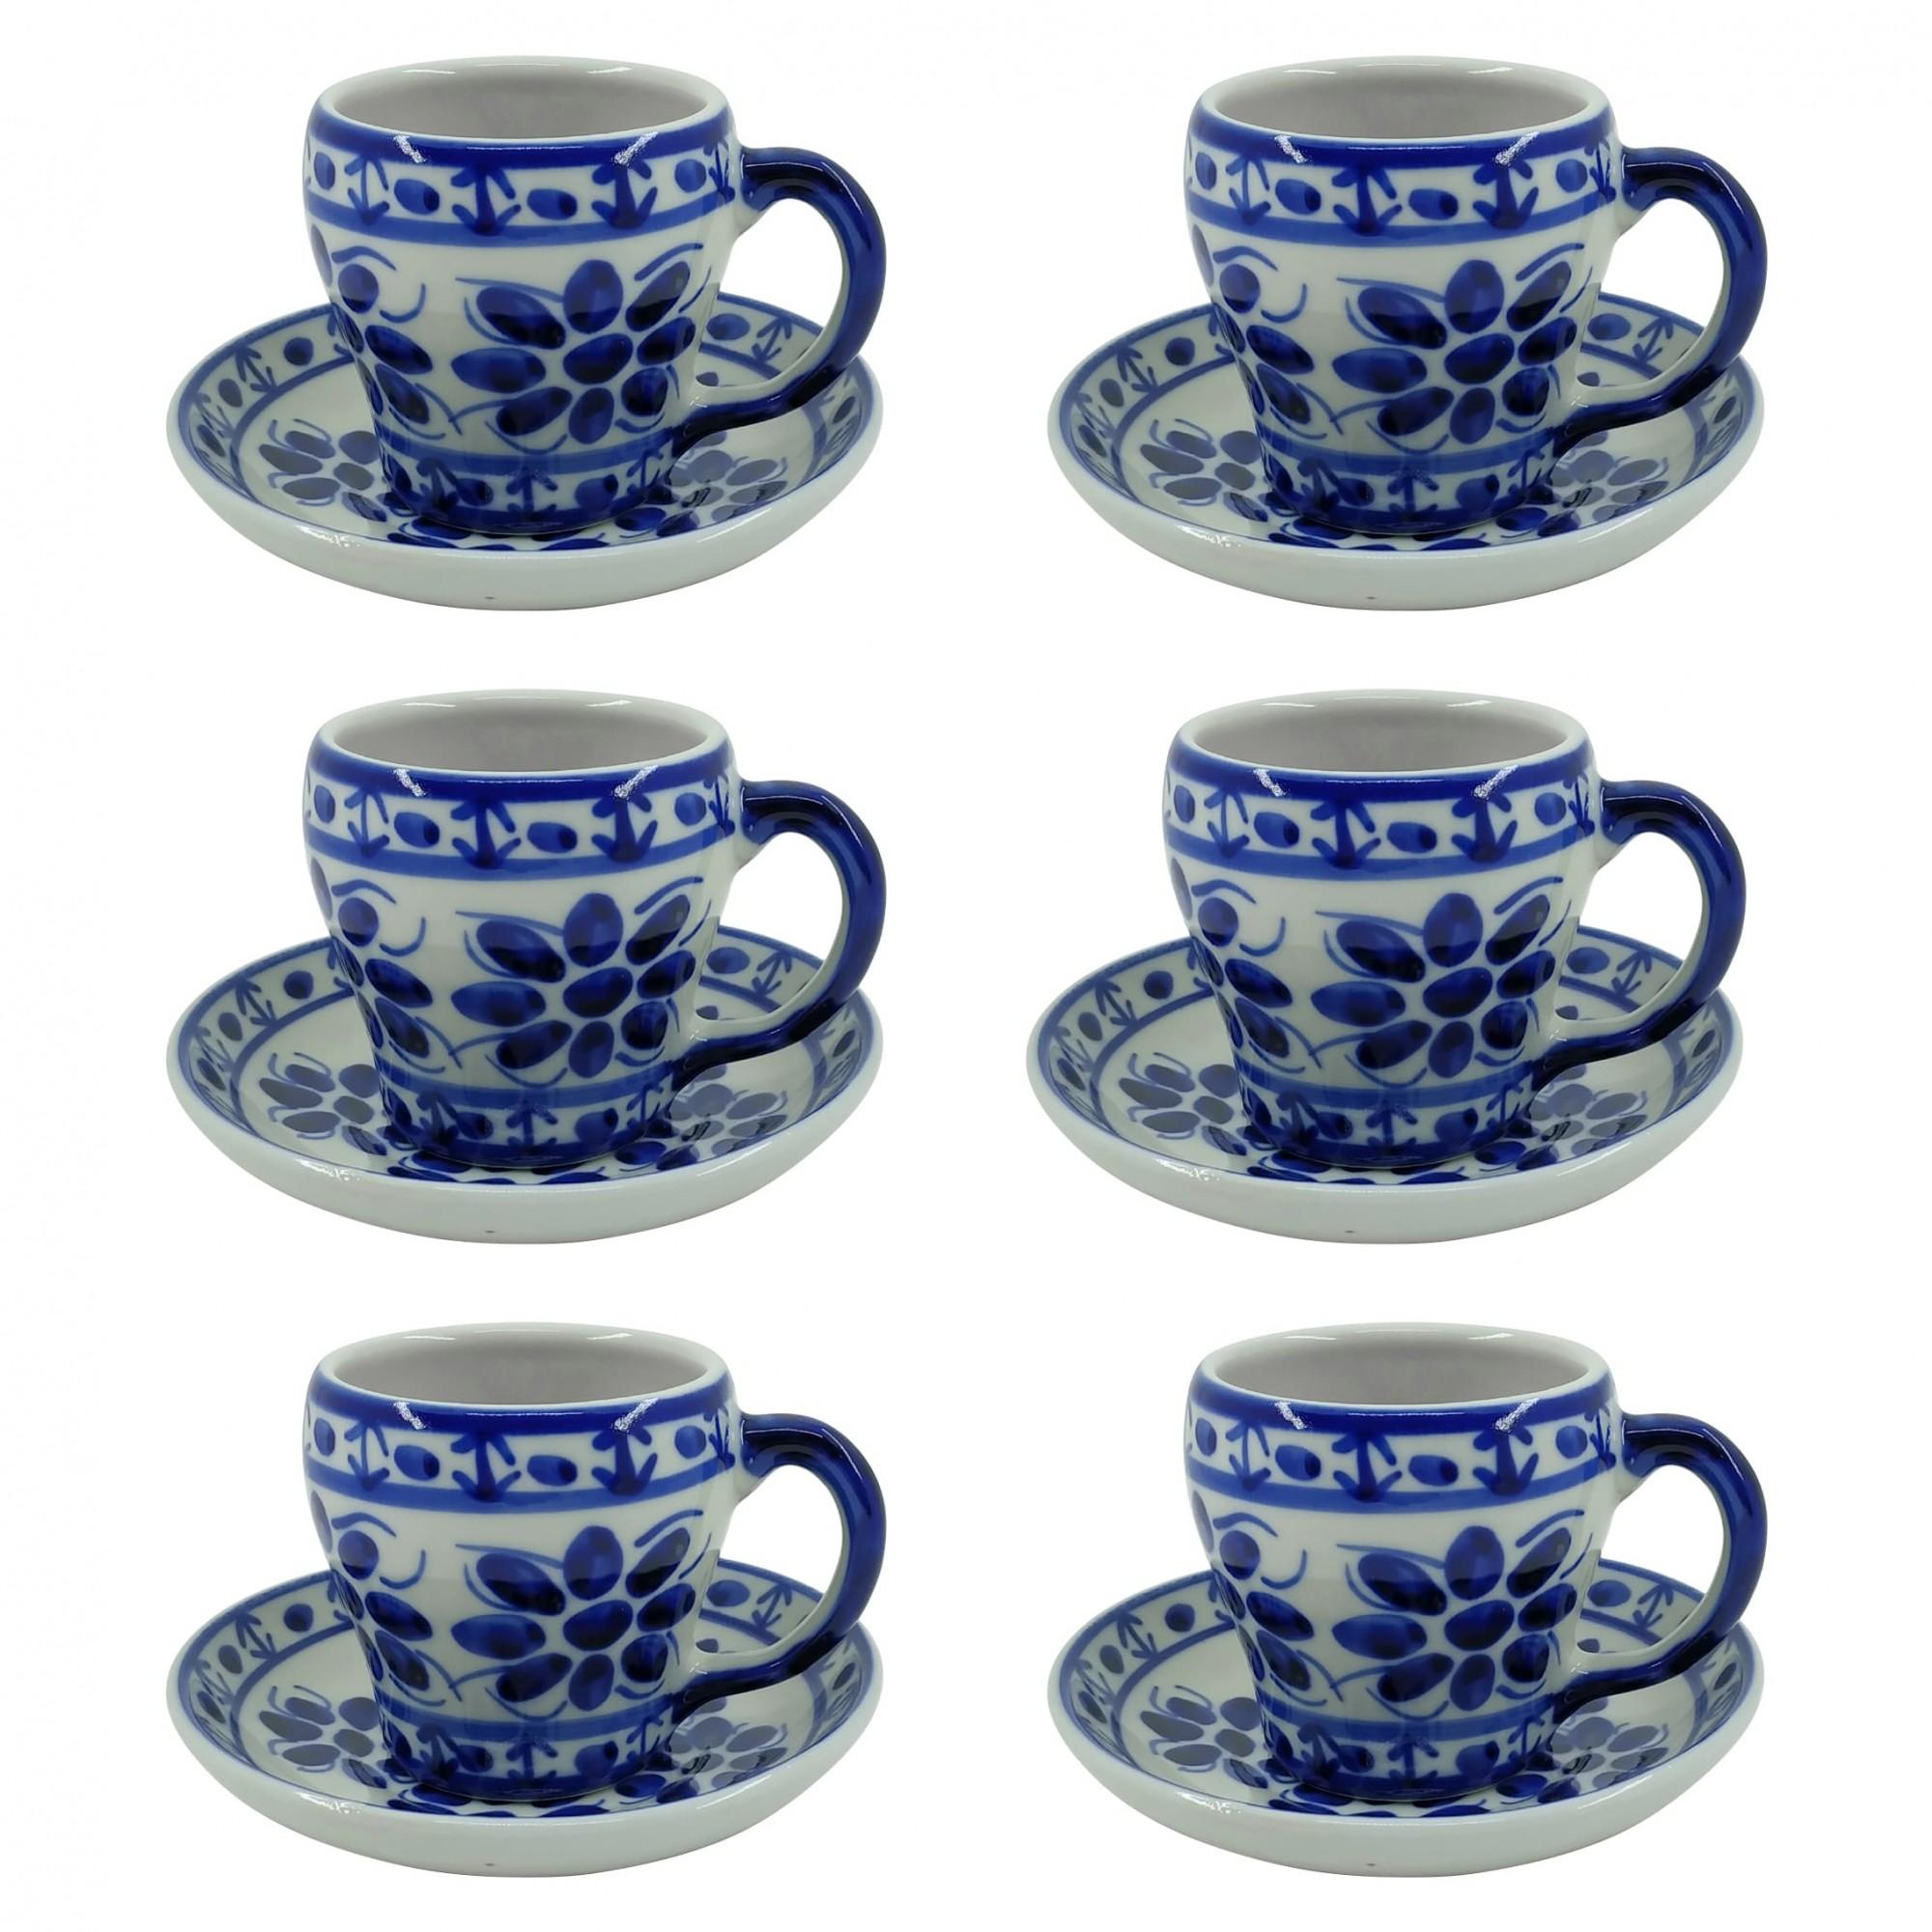 Jogo de 6 Xícaras de Chá e Pires em Porcelana Azul Colonial 200 ml